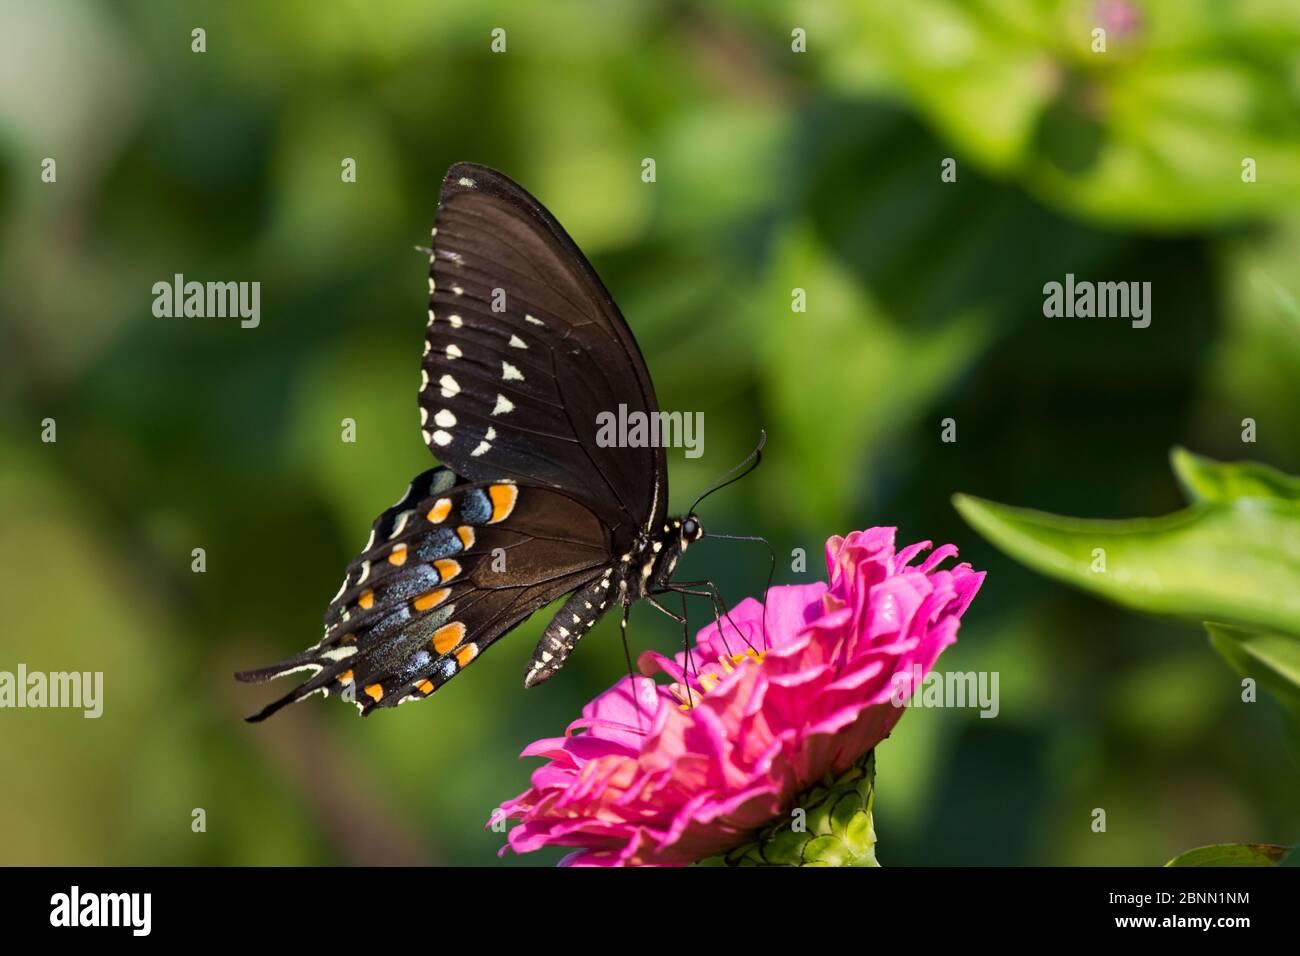 Mariposa de monte bajo (Papilio troilus) que se citea en Zinnia en el jardín de la granja, Connecticut, EE.UU Foto de stock